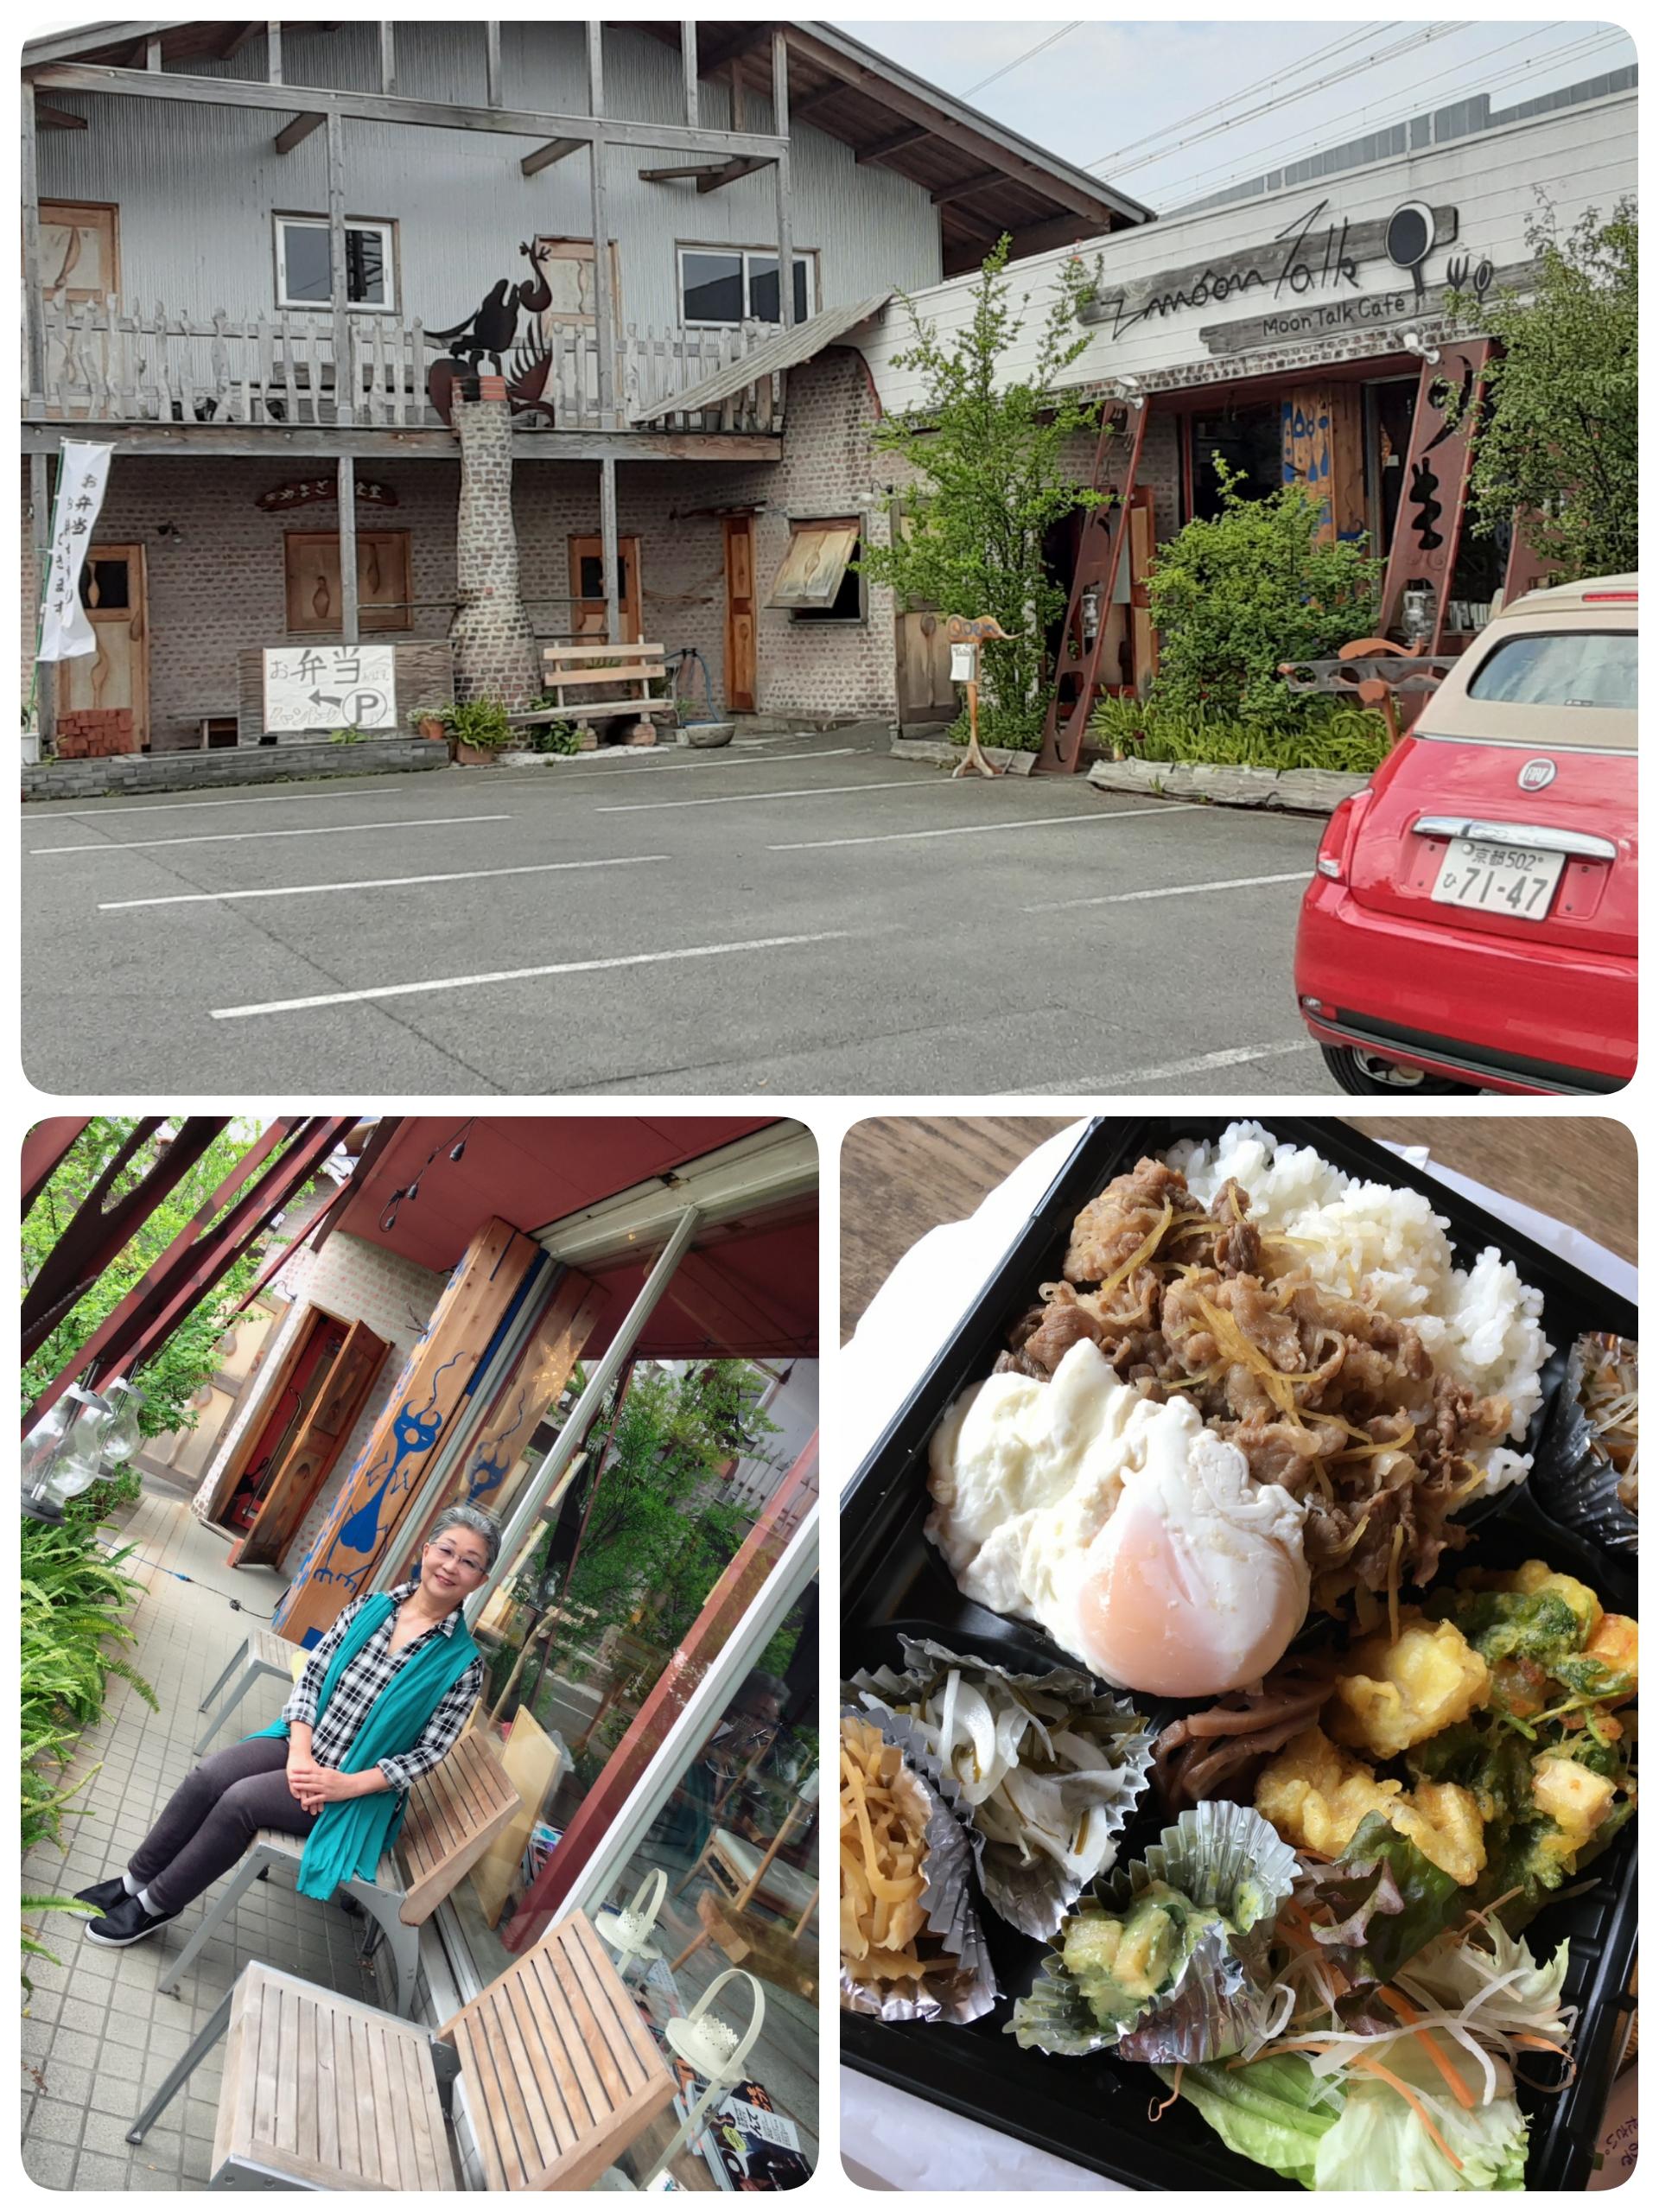 乙訓・大山崎町のテイクアウトのお店は「サロン灯」のすぐの「ム-ント-ク」さんです🎶